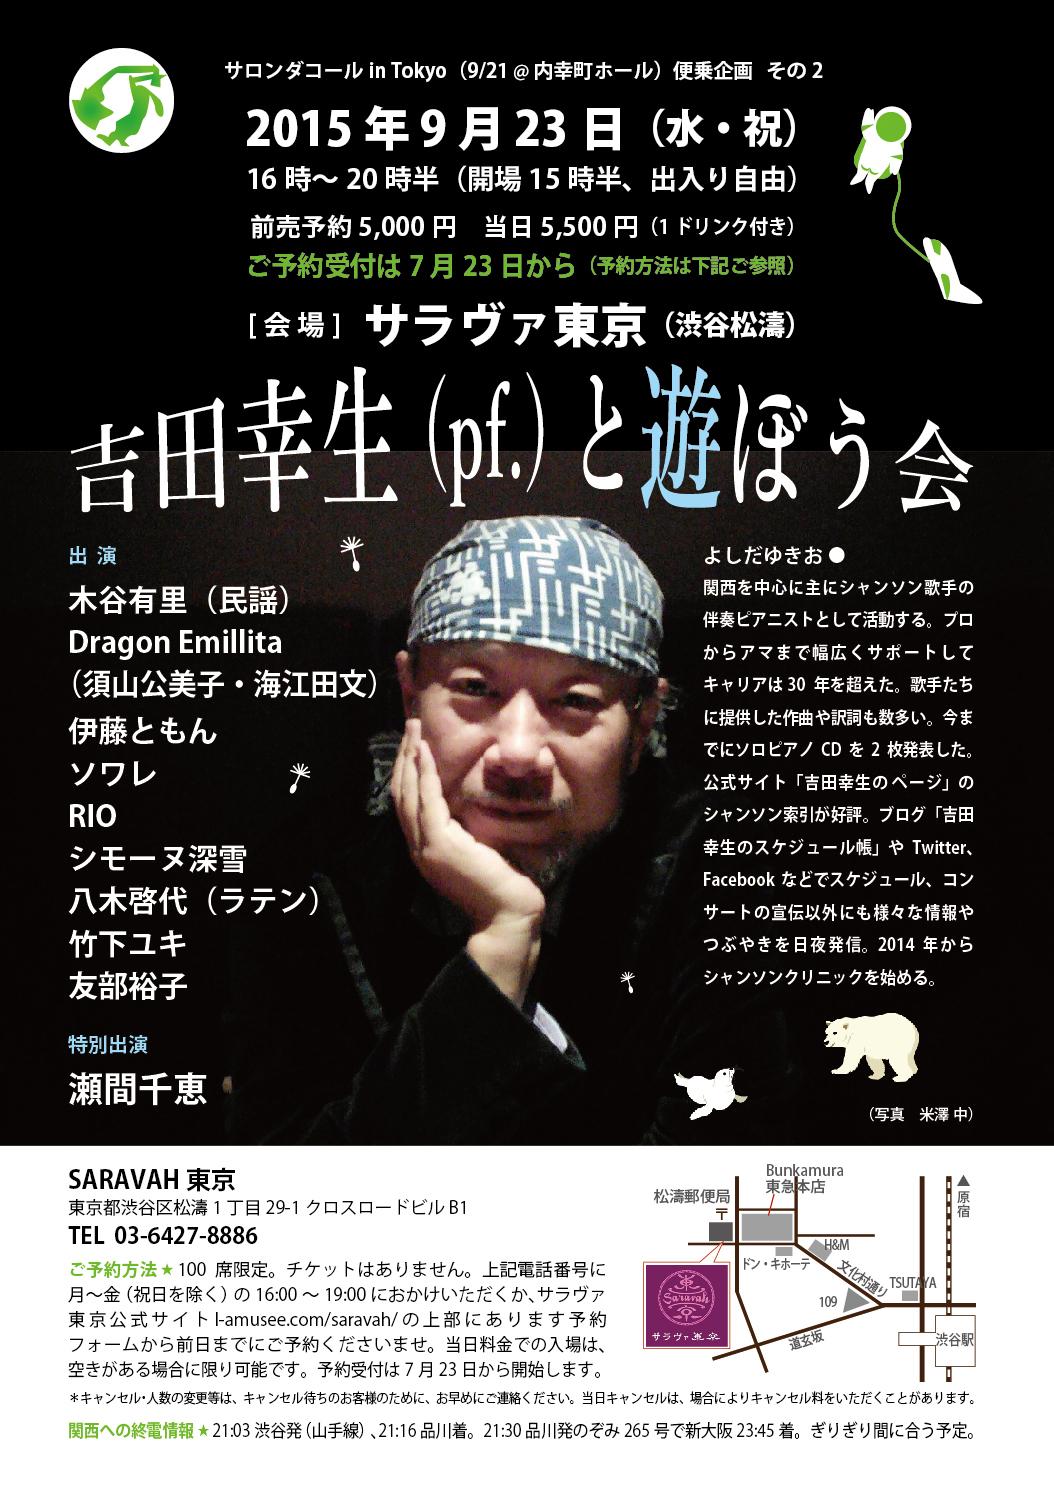 yoshidaasobi_20150923_flyer_web.jpg